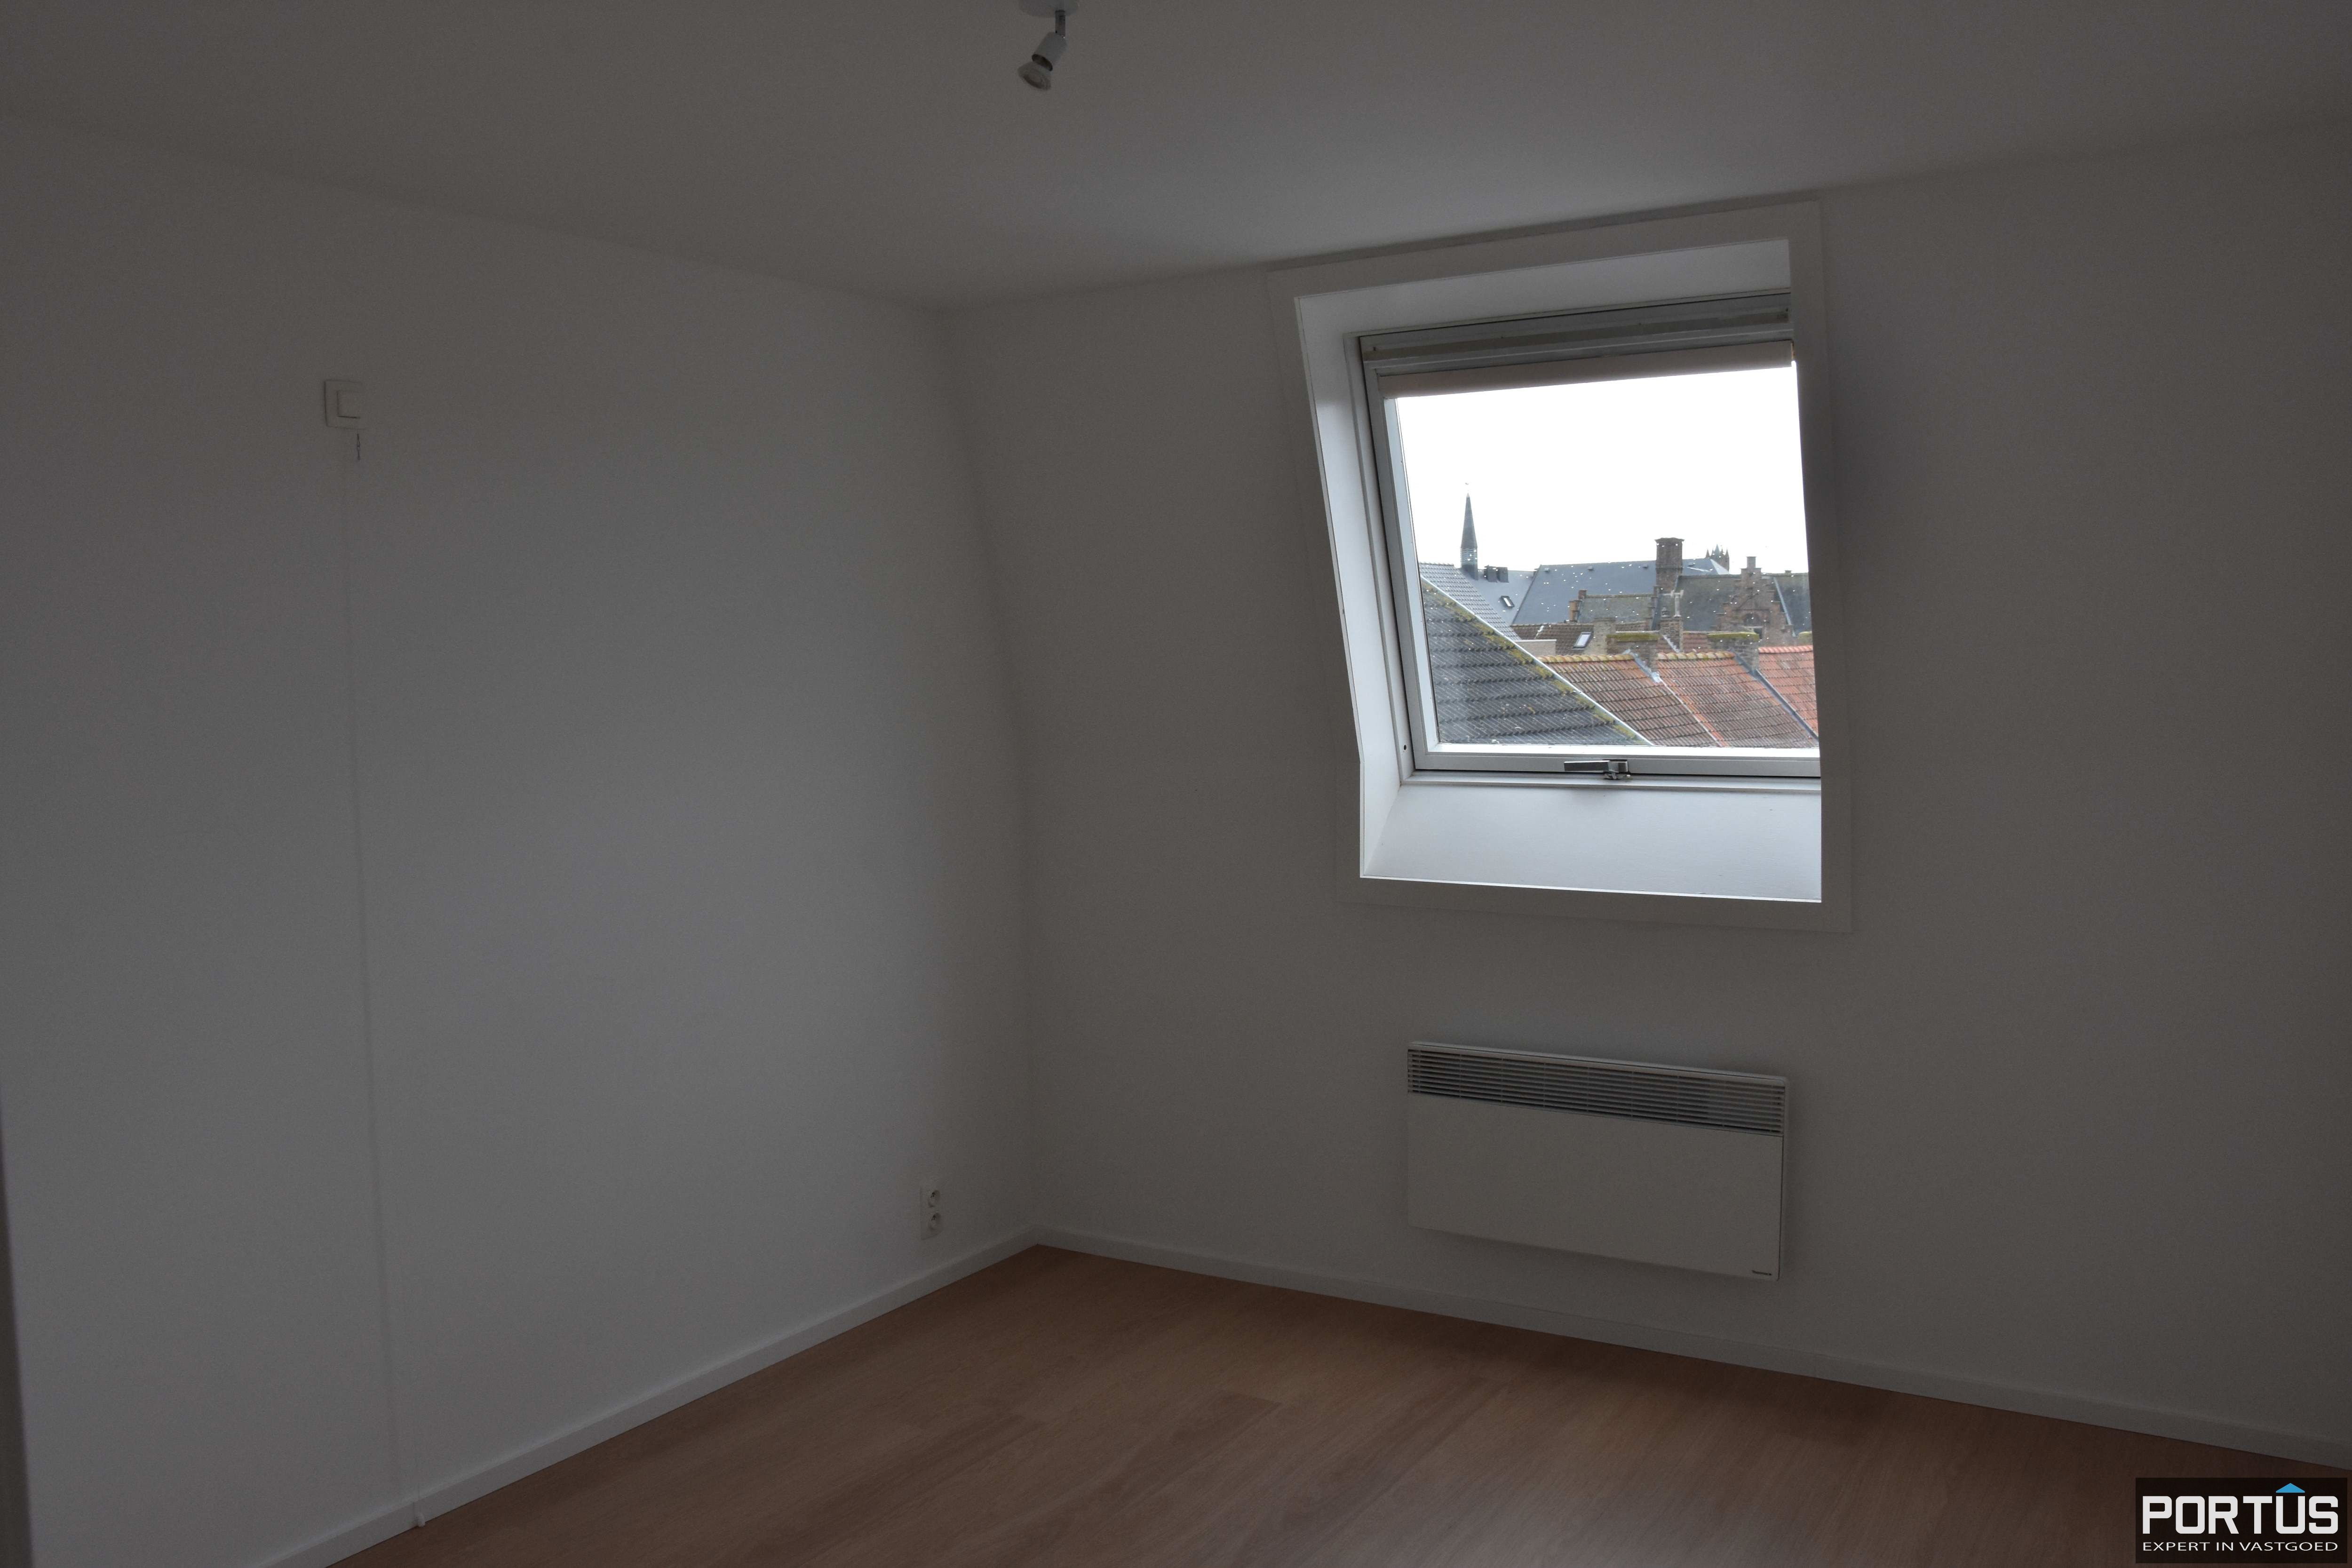 Appartement met 2 slaapkamers te huur te Nieuwpoort - 10037